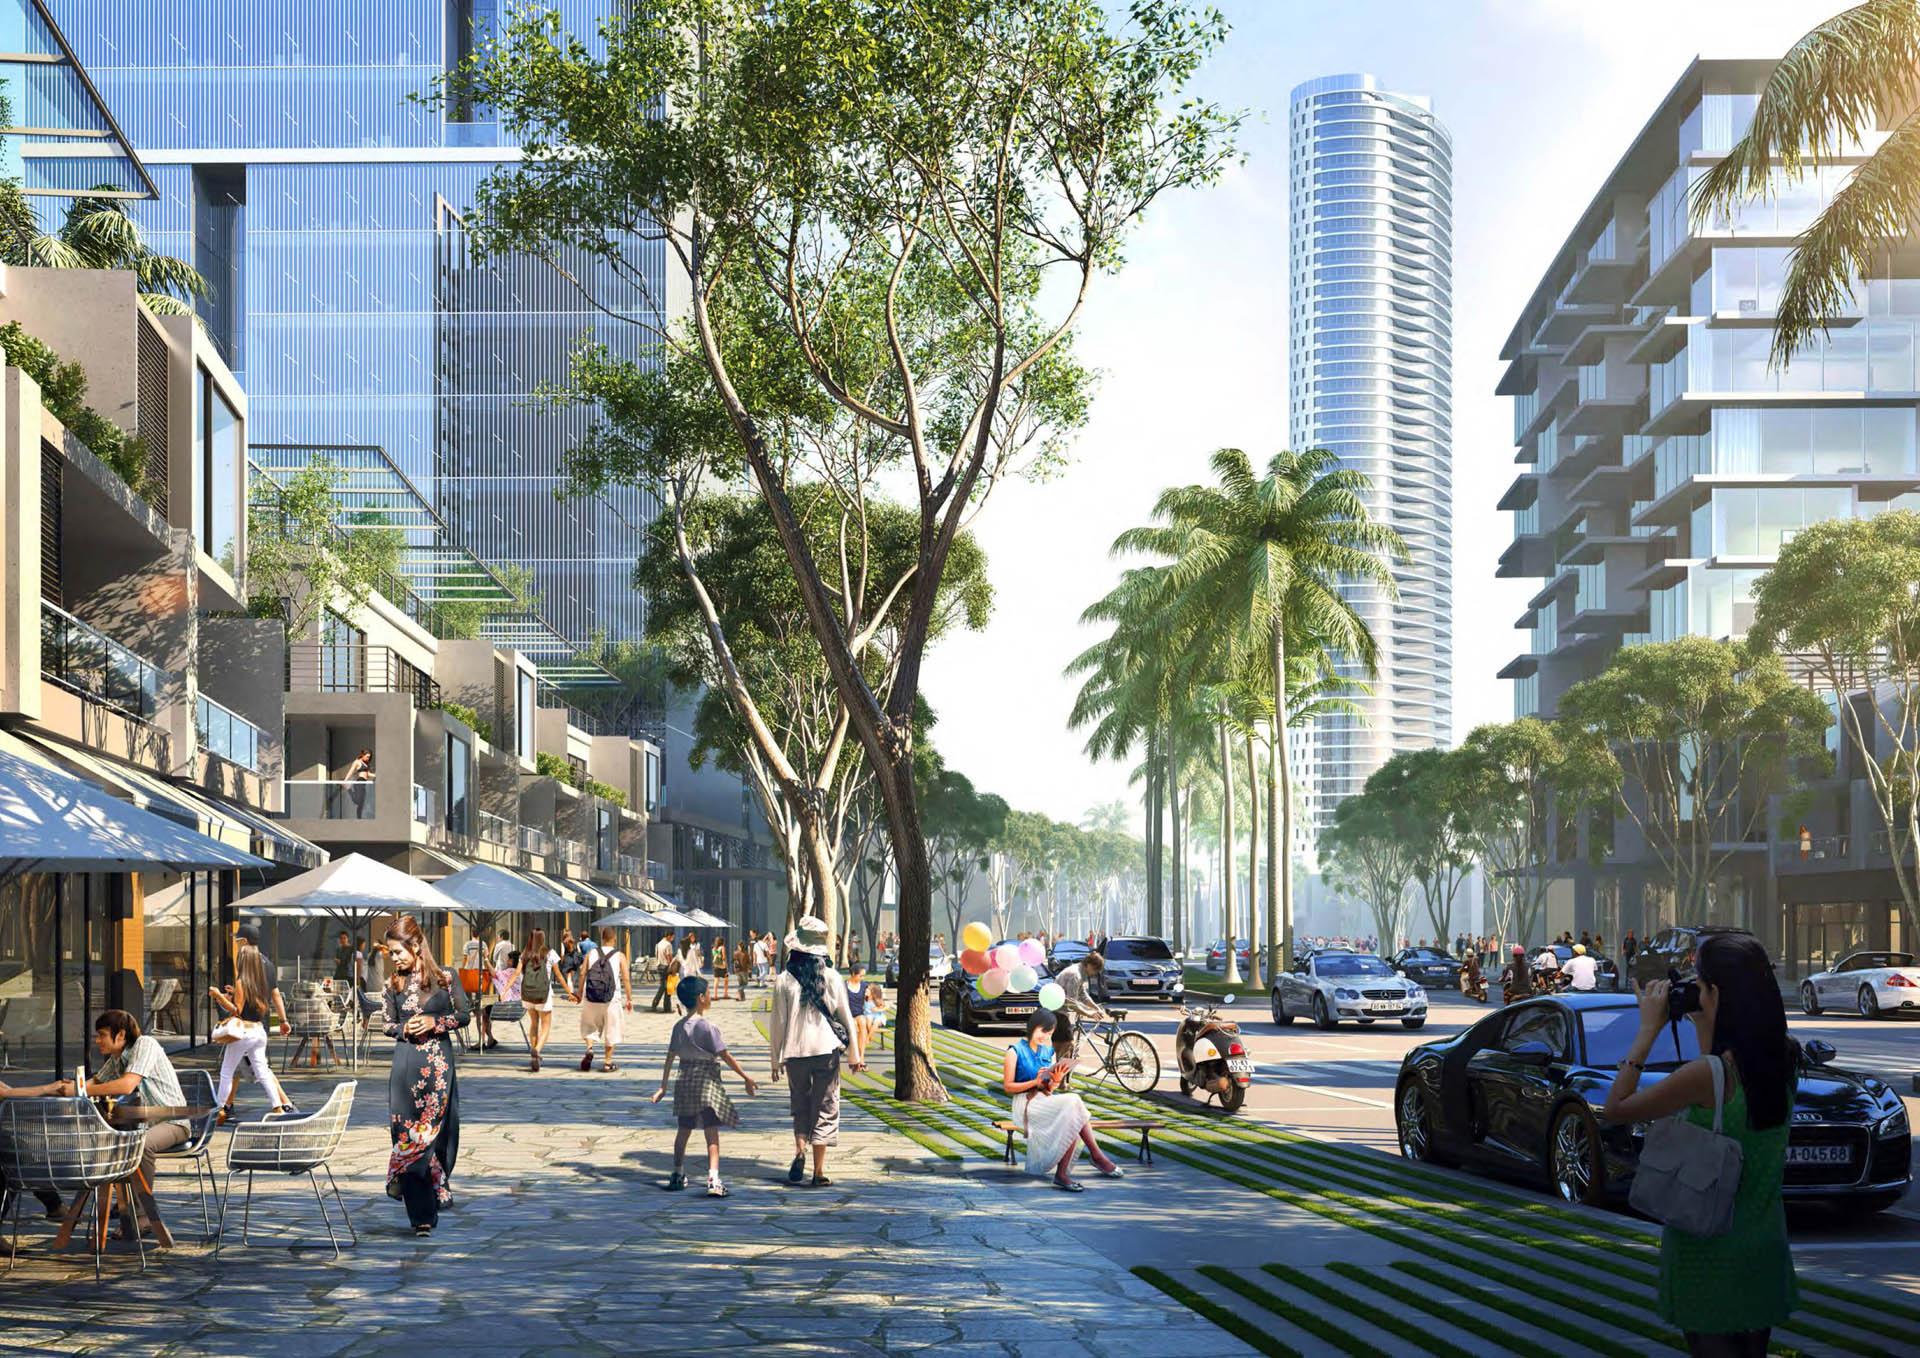 Thiết kế dự án biệt thự River City quận Thủ Đức